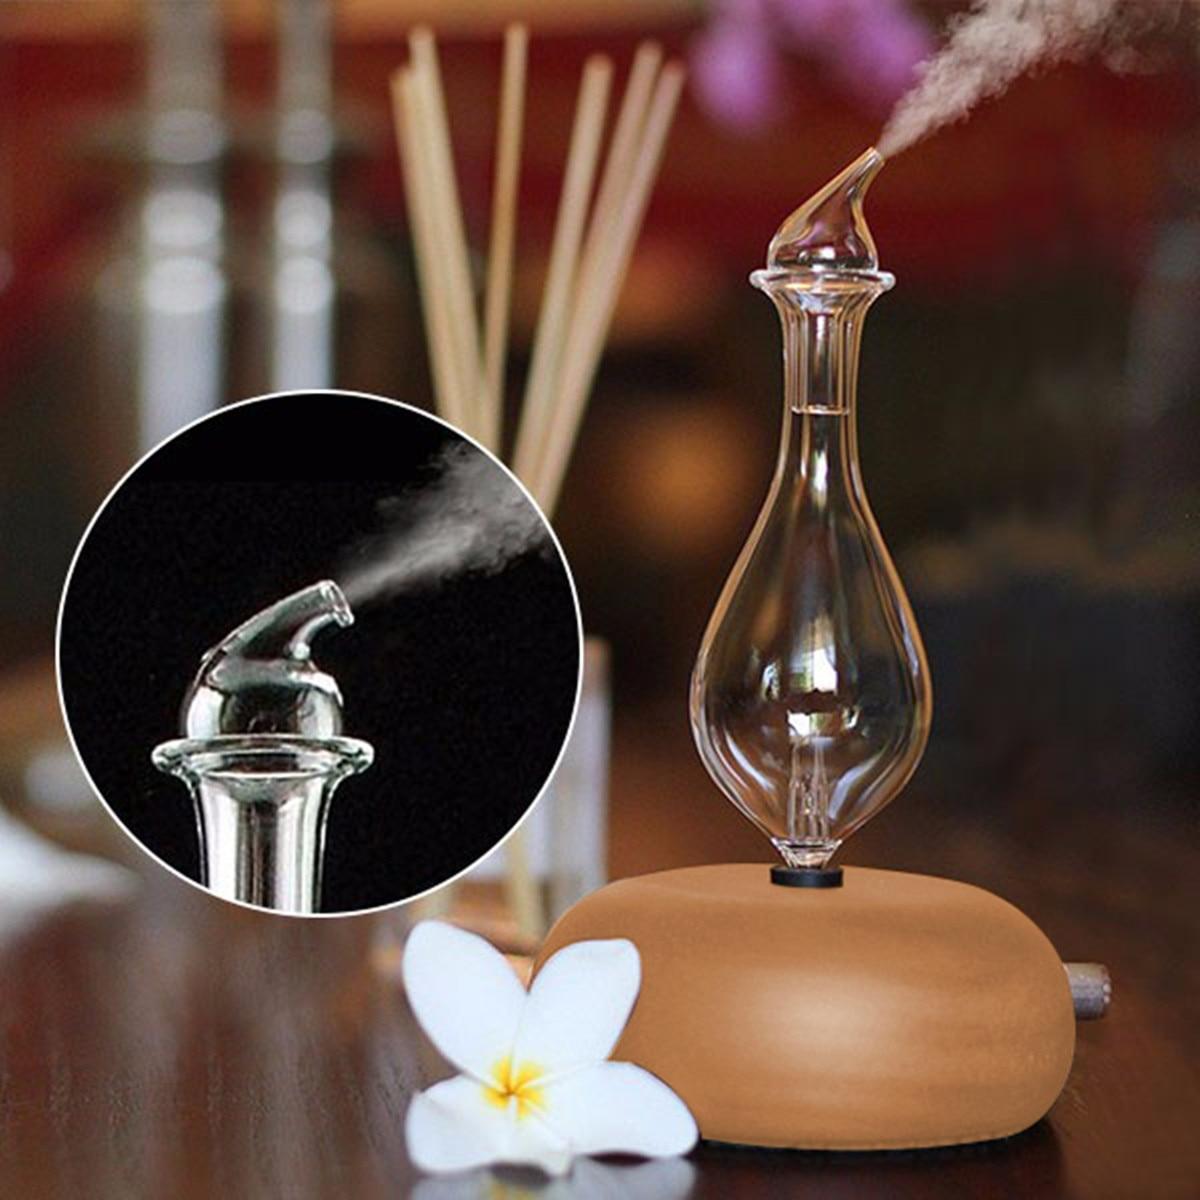 Vidro de madeira aromaterapia puro óleos essenciais difusor nebulizador ar umidificador doméstico ar condicionado aparelho